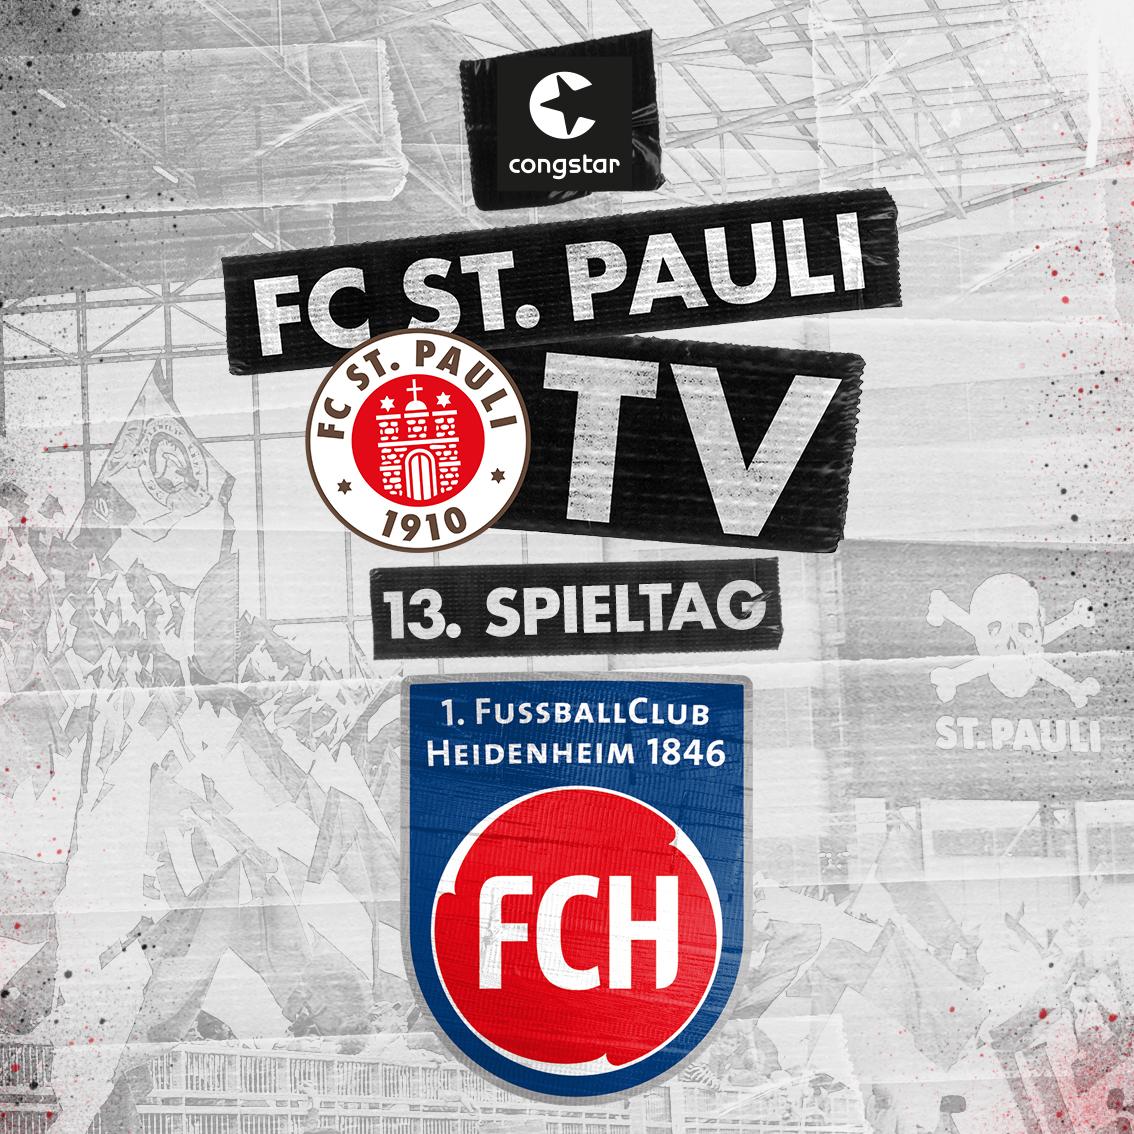 FC St. Pauli TV live - unsere Heimspielsendung gegen Heidenheim